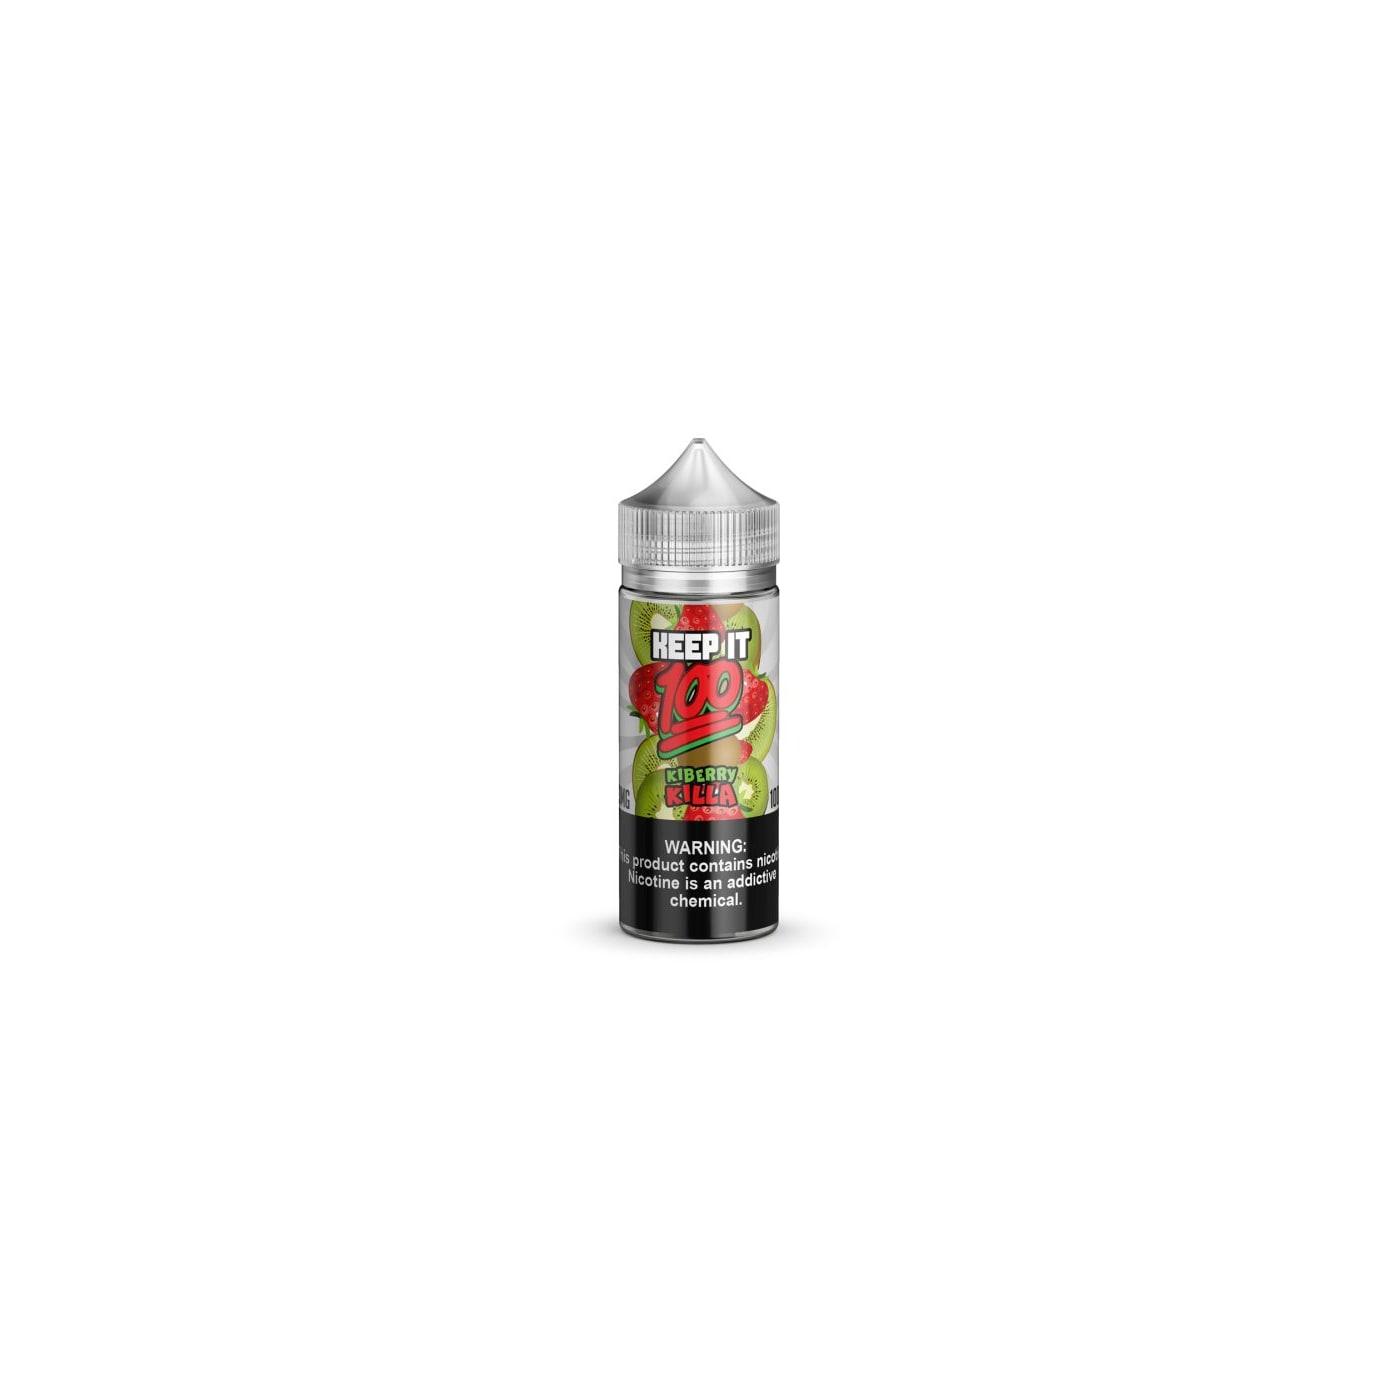 Kiberry Killa 100ml E-Juice - Keep It 100 E-liquid